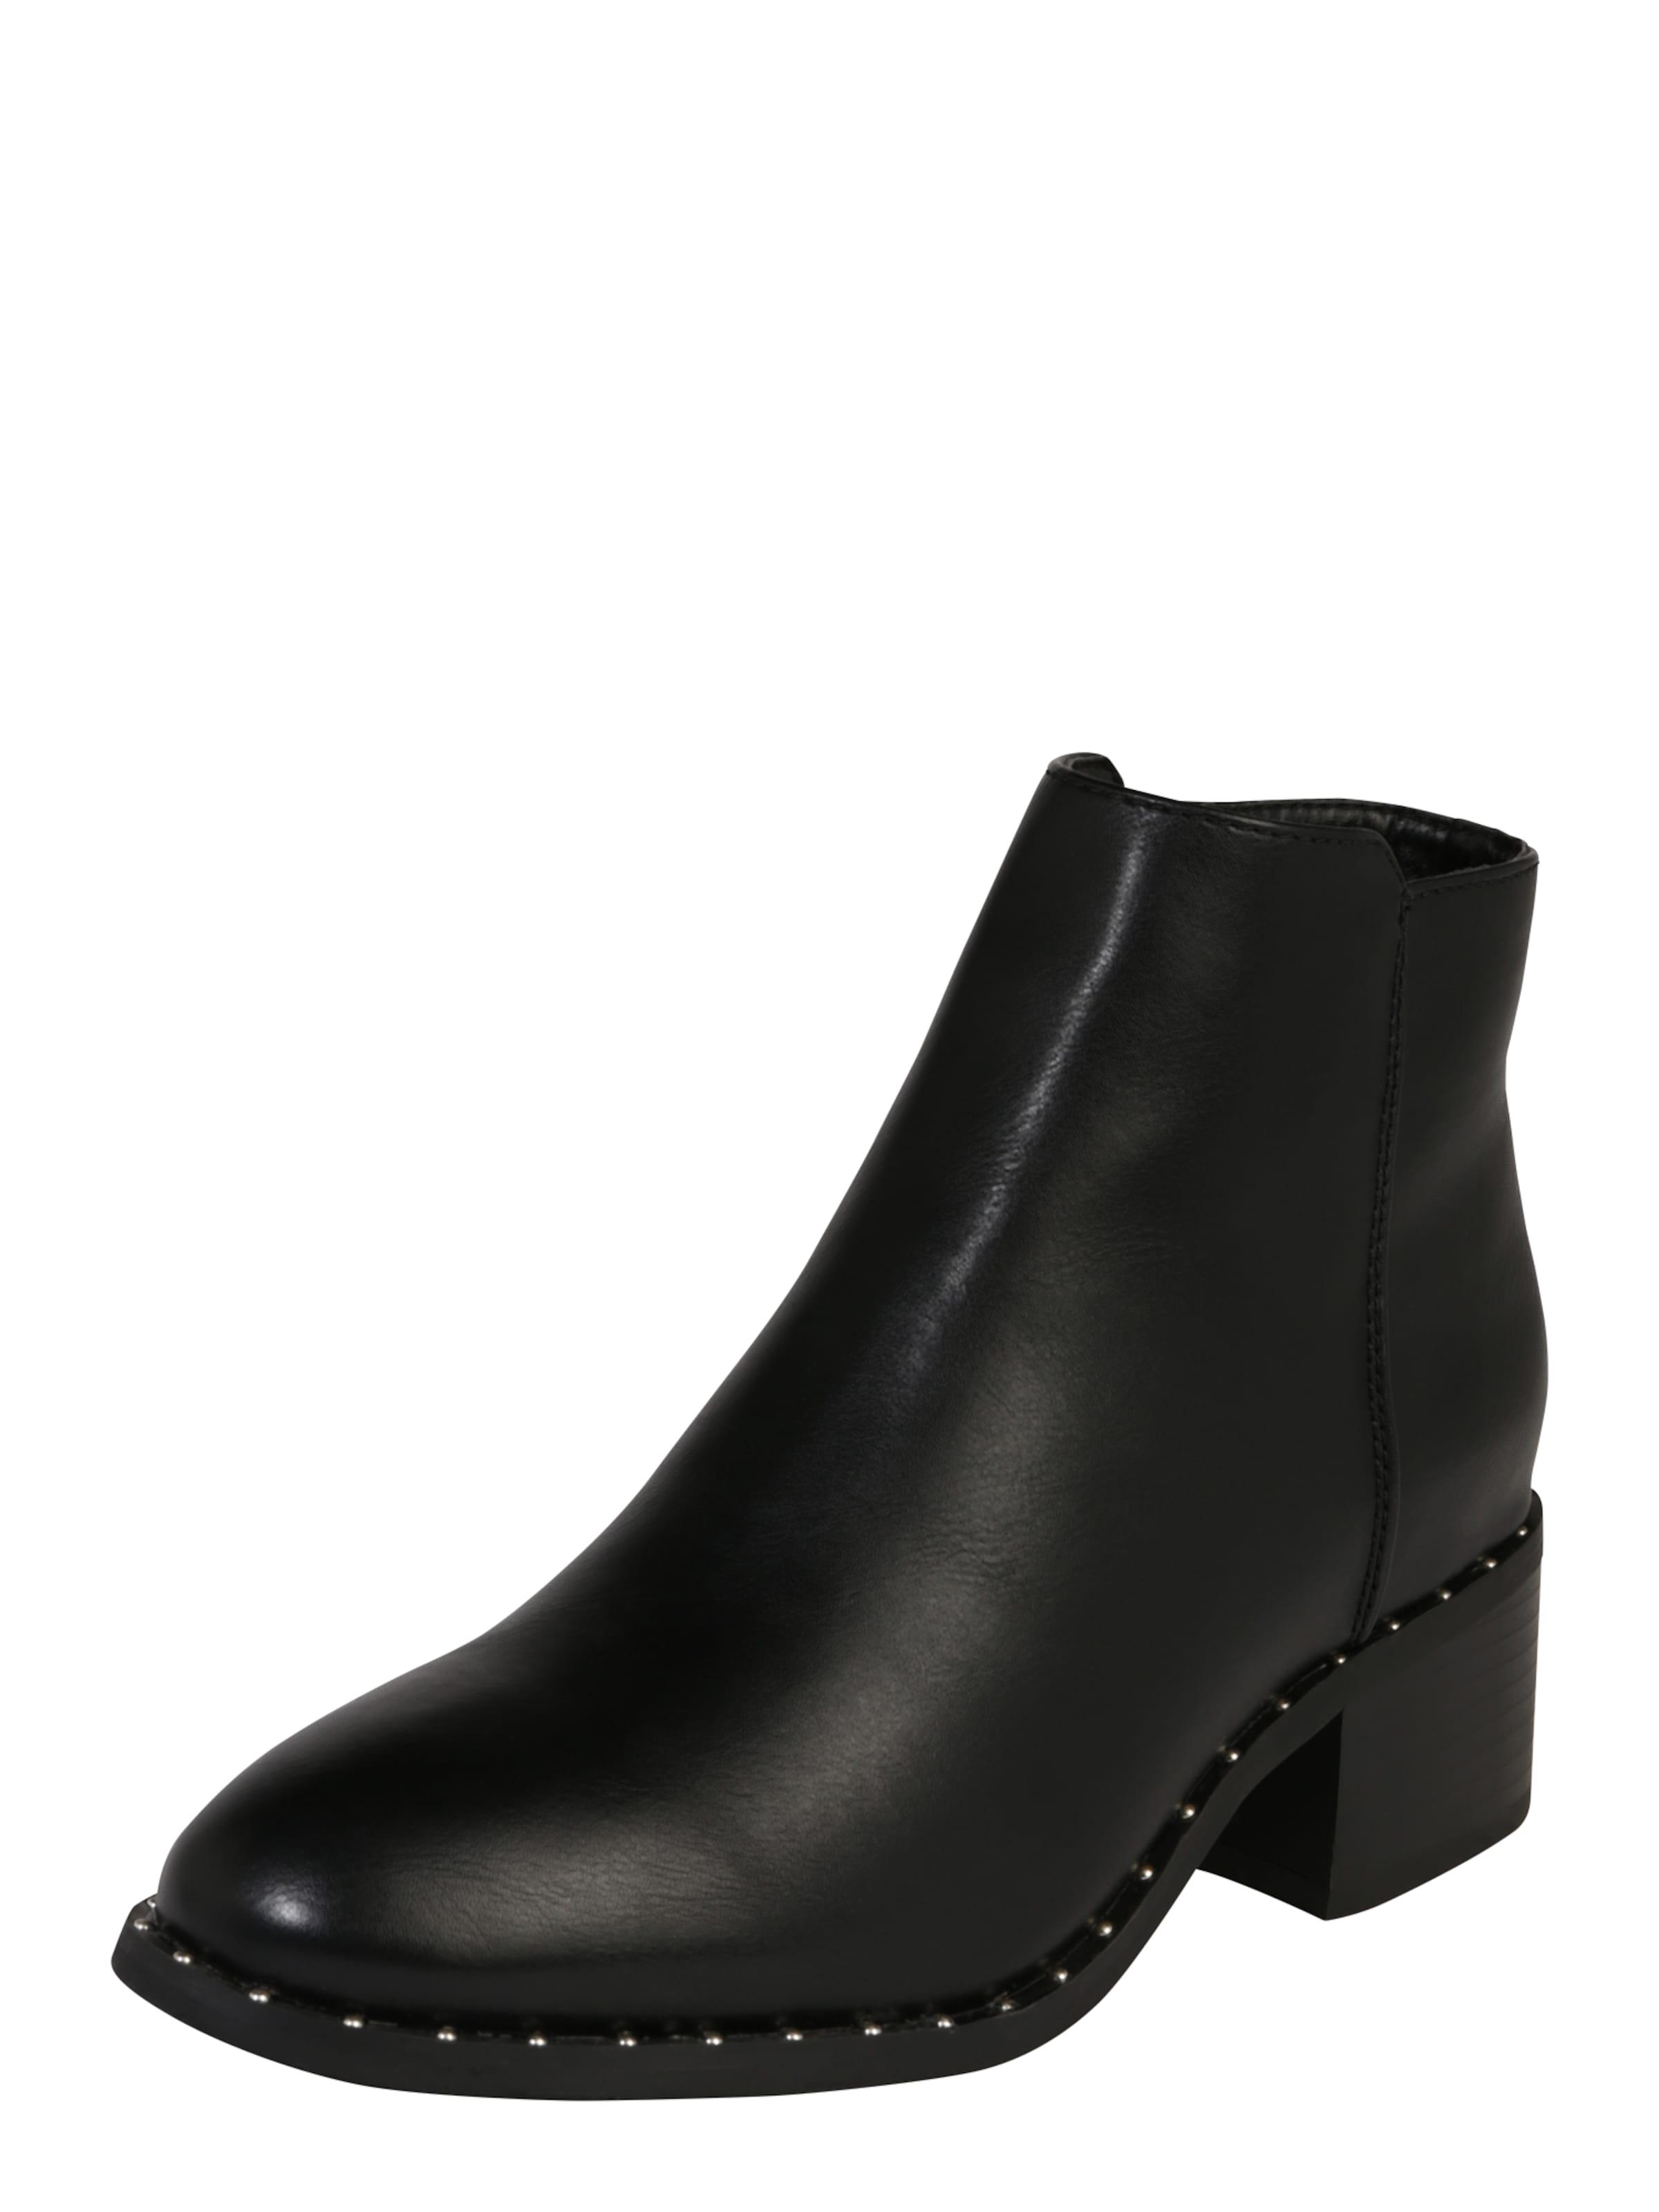 even&odd 'Booties' Ankle Boots Auslass Extrem Billig Authentisch Auslass Freies Verschiffen Finden Große Kostenloser Versand Shop Echte Online MDbEJRju2r